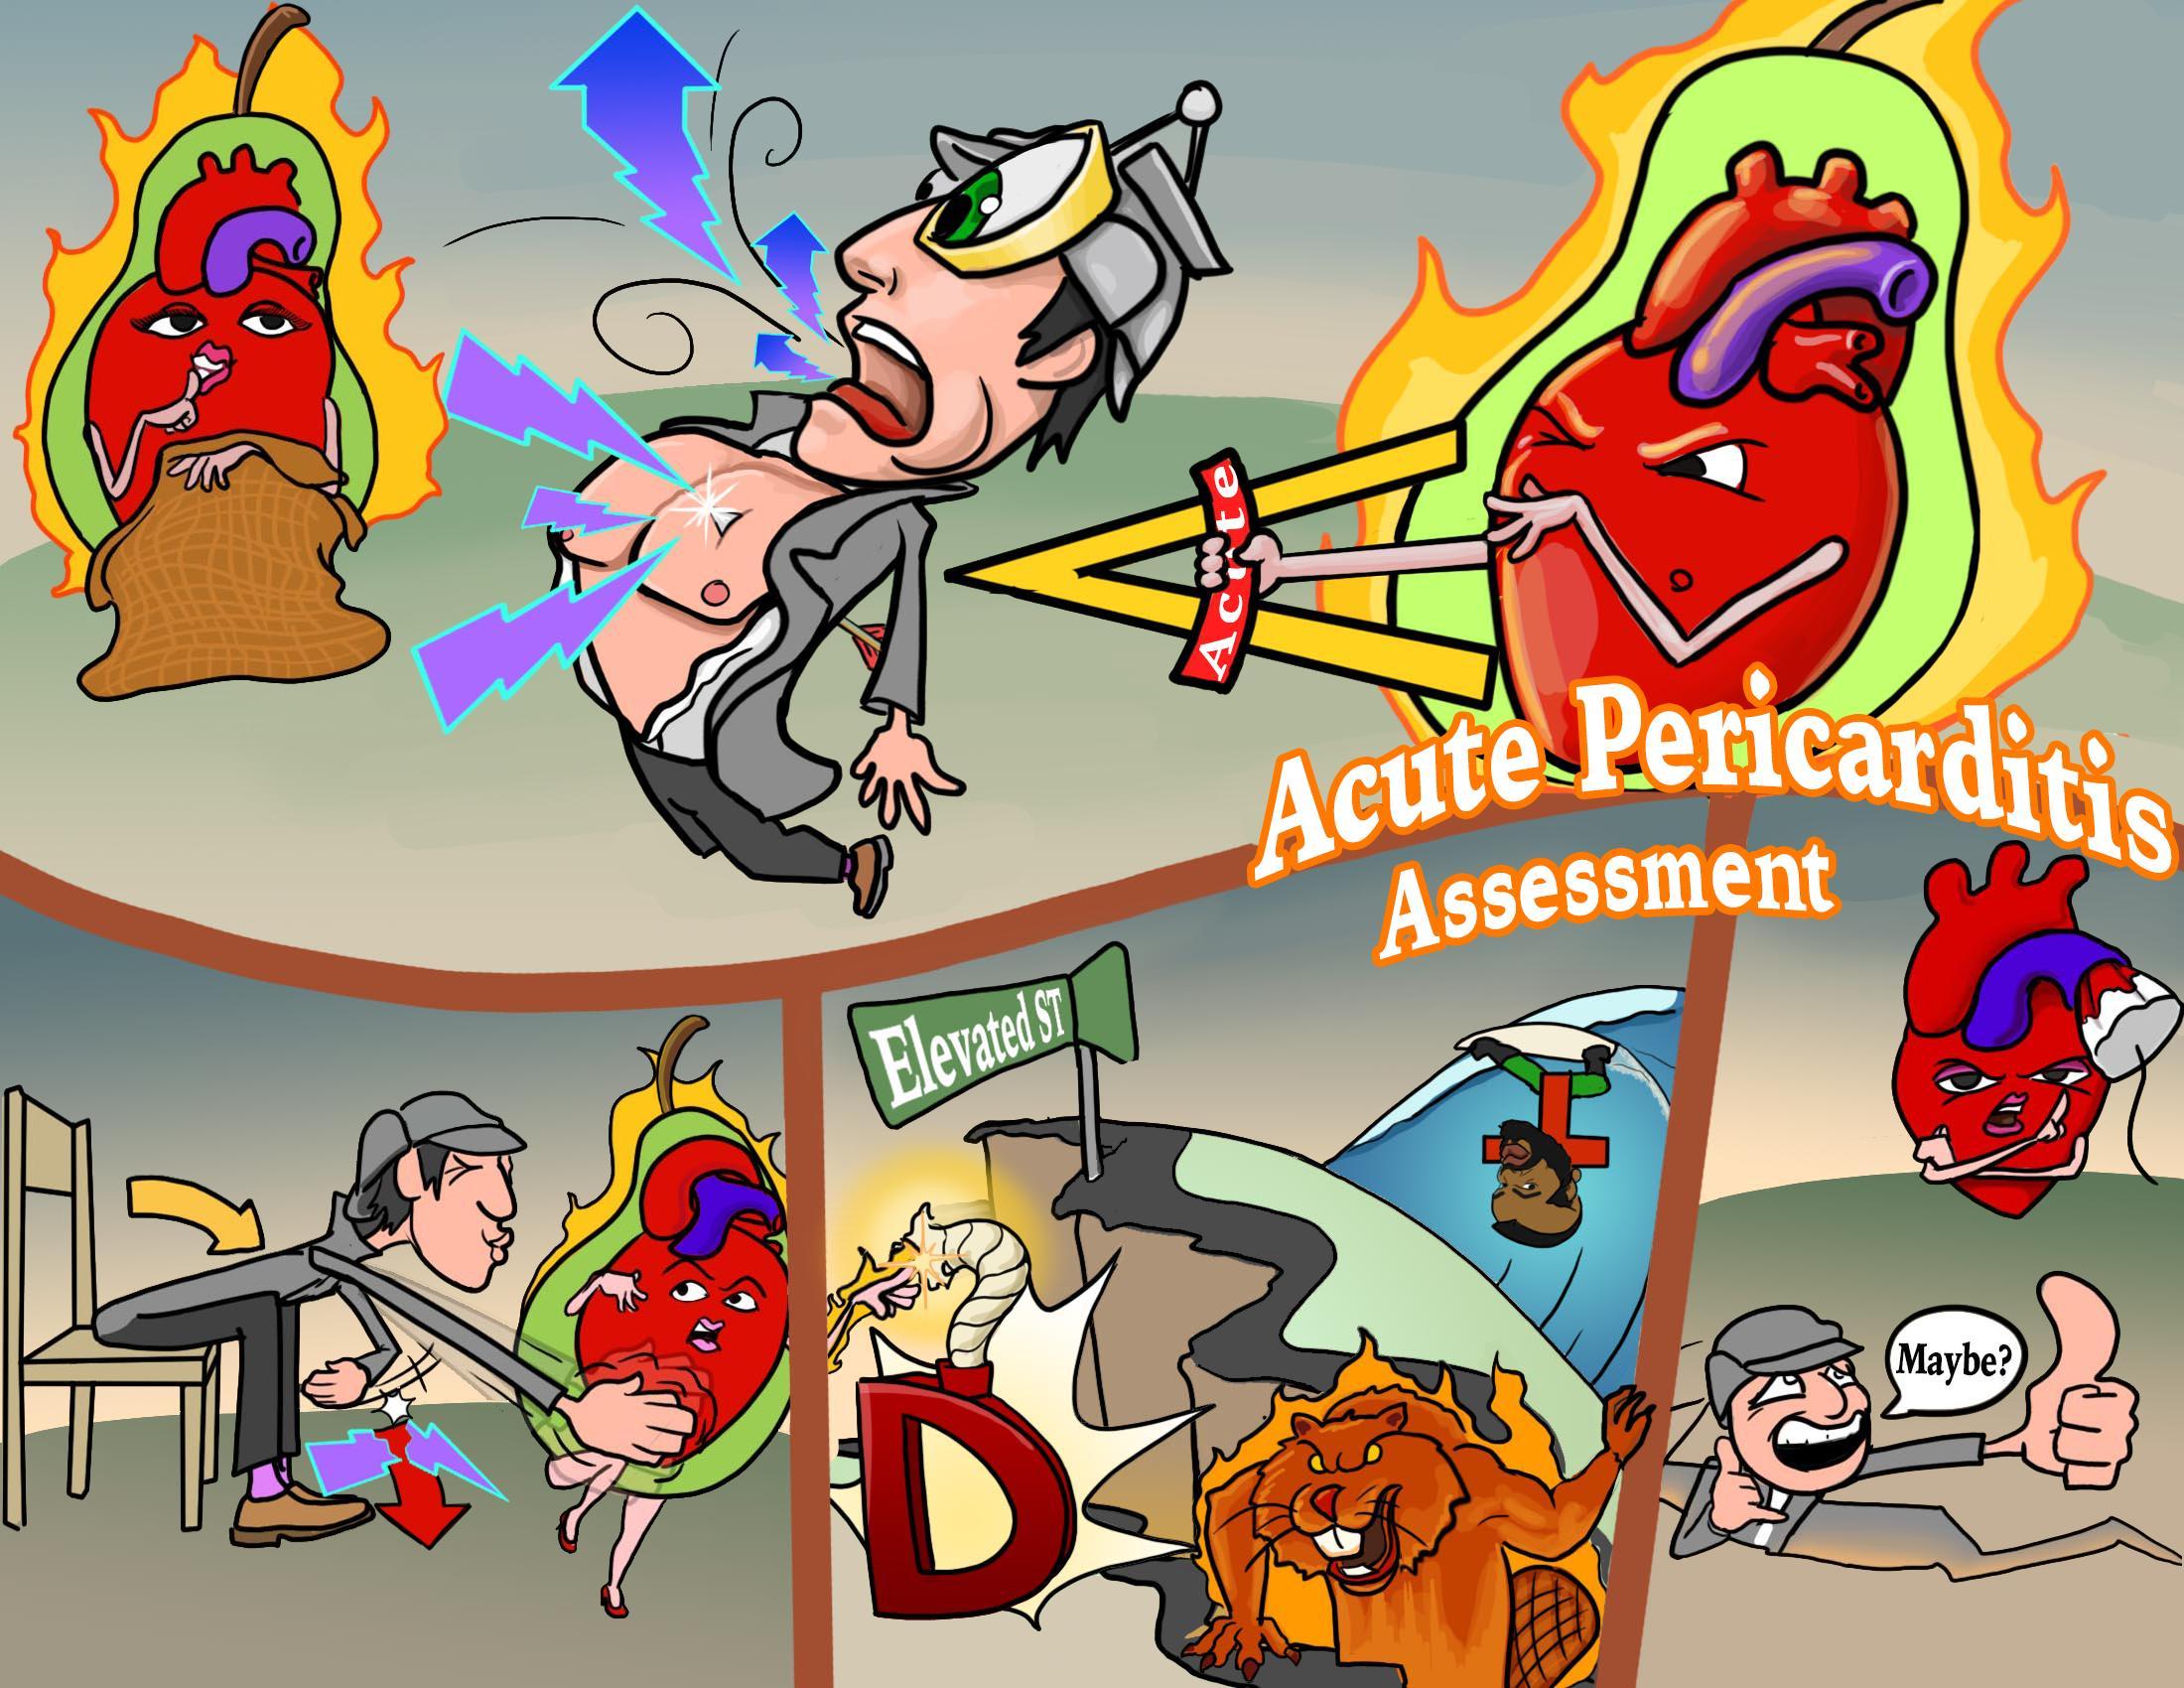 Acute Pericarditis Assessment